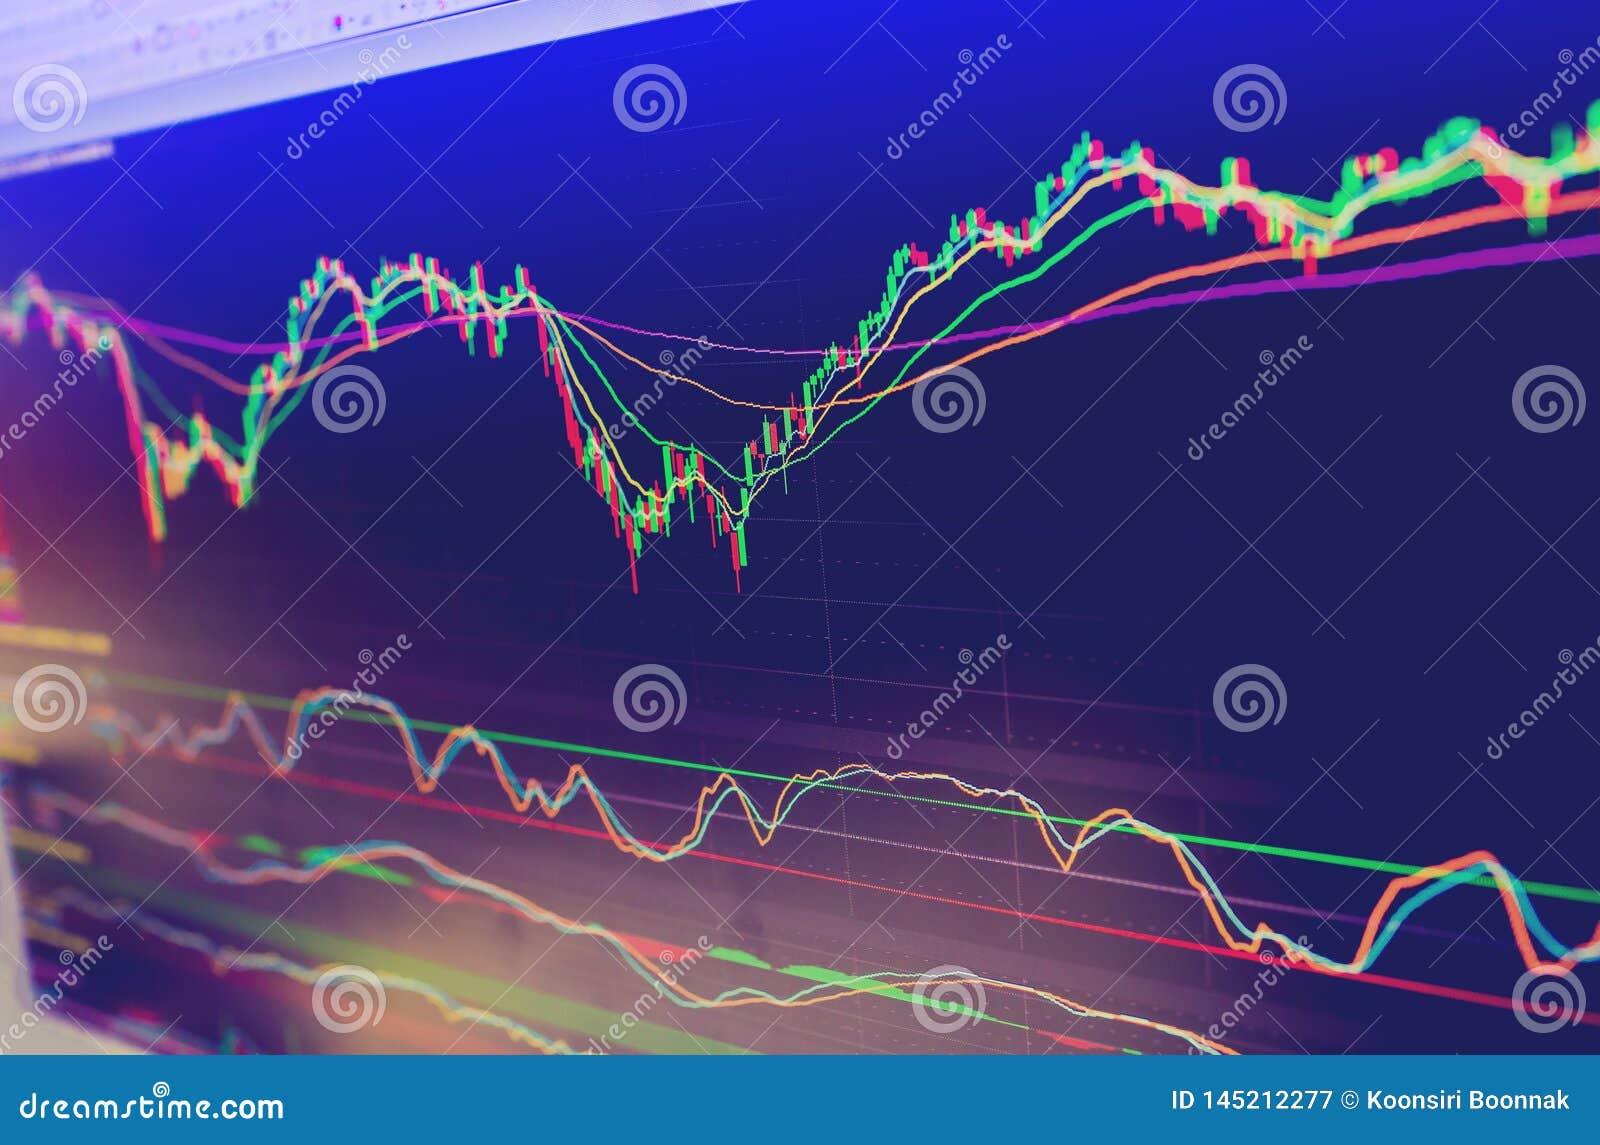 De selectieve nadruk van Bedrijfsgrafiekgrafieken van financi?le instrumenten met divers type van indicatoren combineert